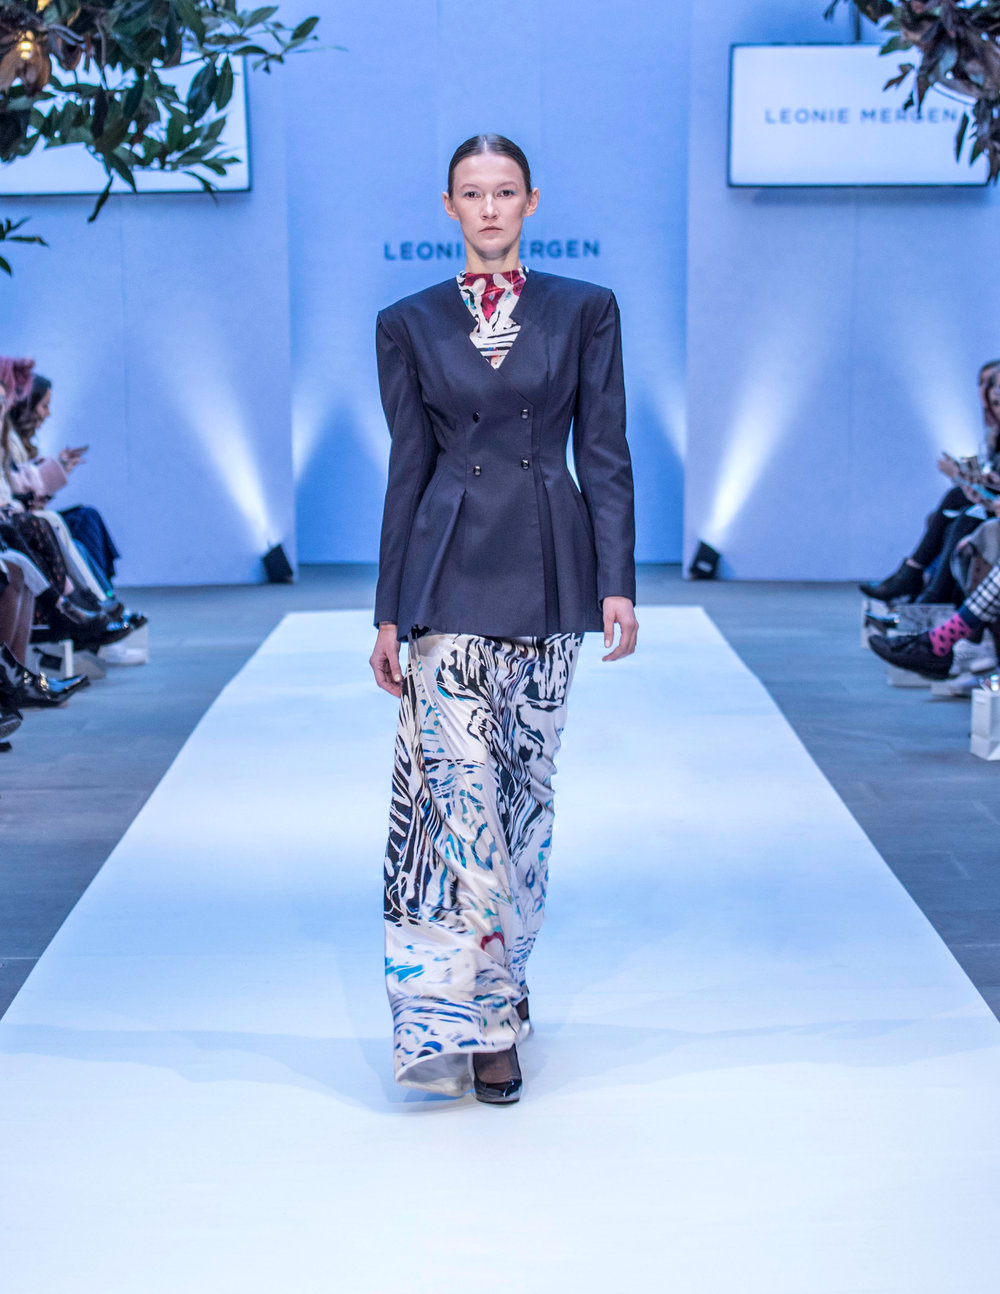 Leonie Mergen 300dpi (27).jpg